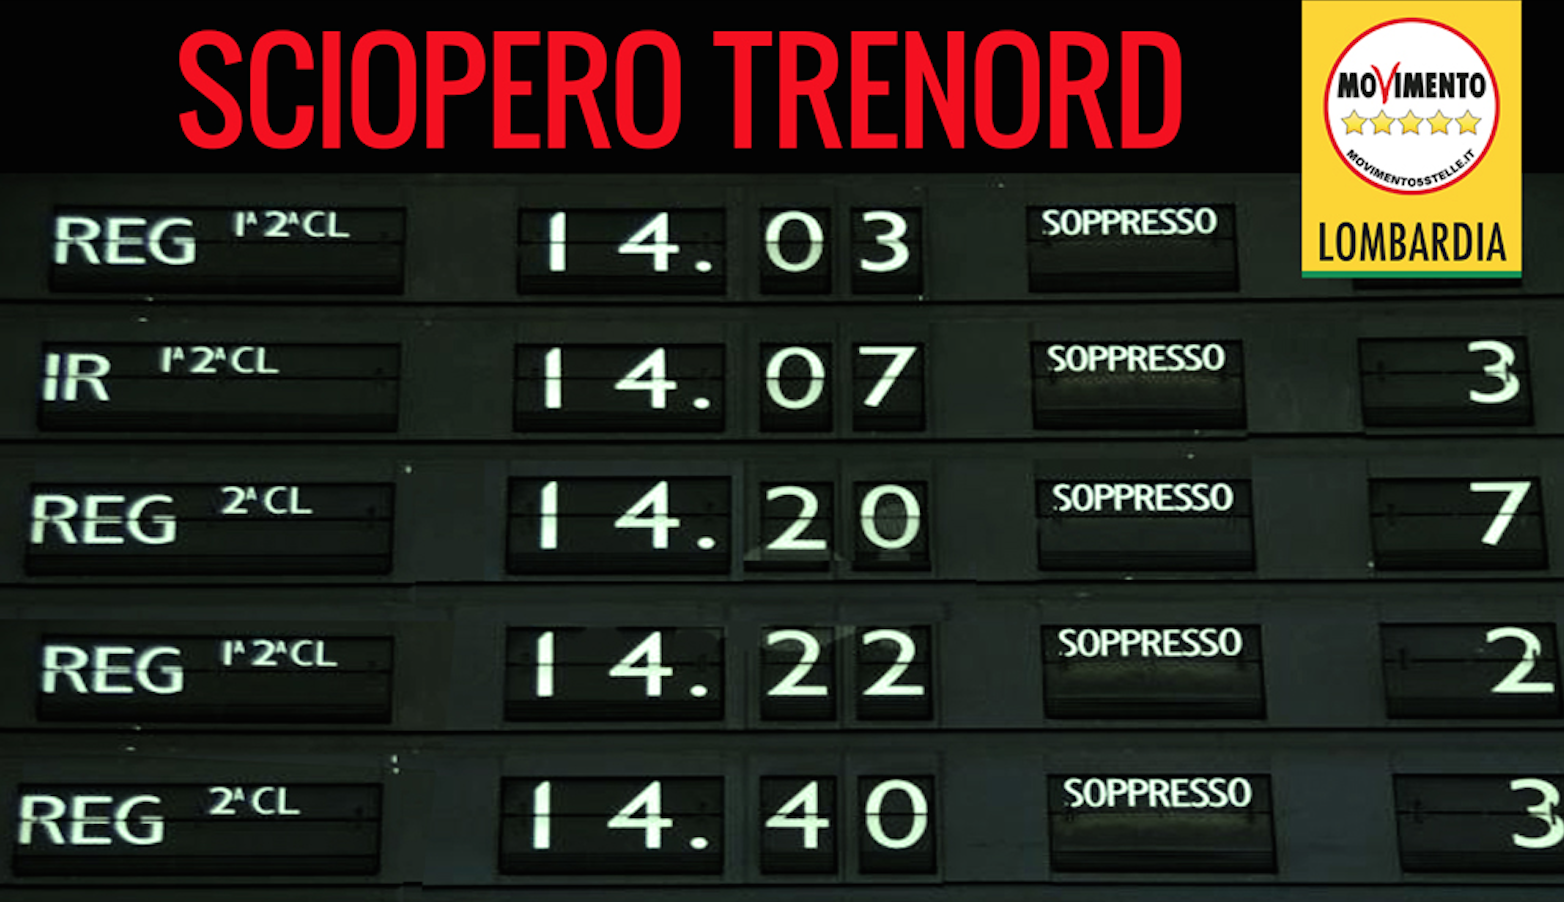 Sciopero Trenord. M5S segnala all'Autorità Garante il mancato rispetto delle fasce di garanzia